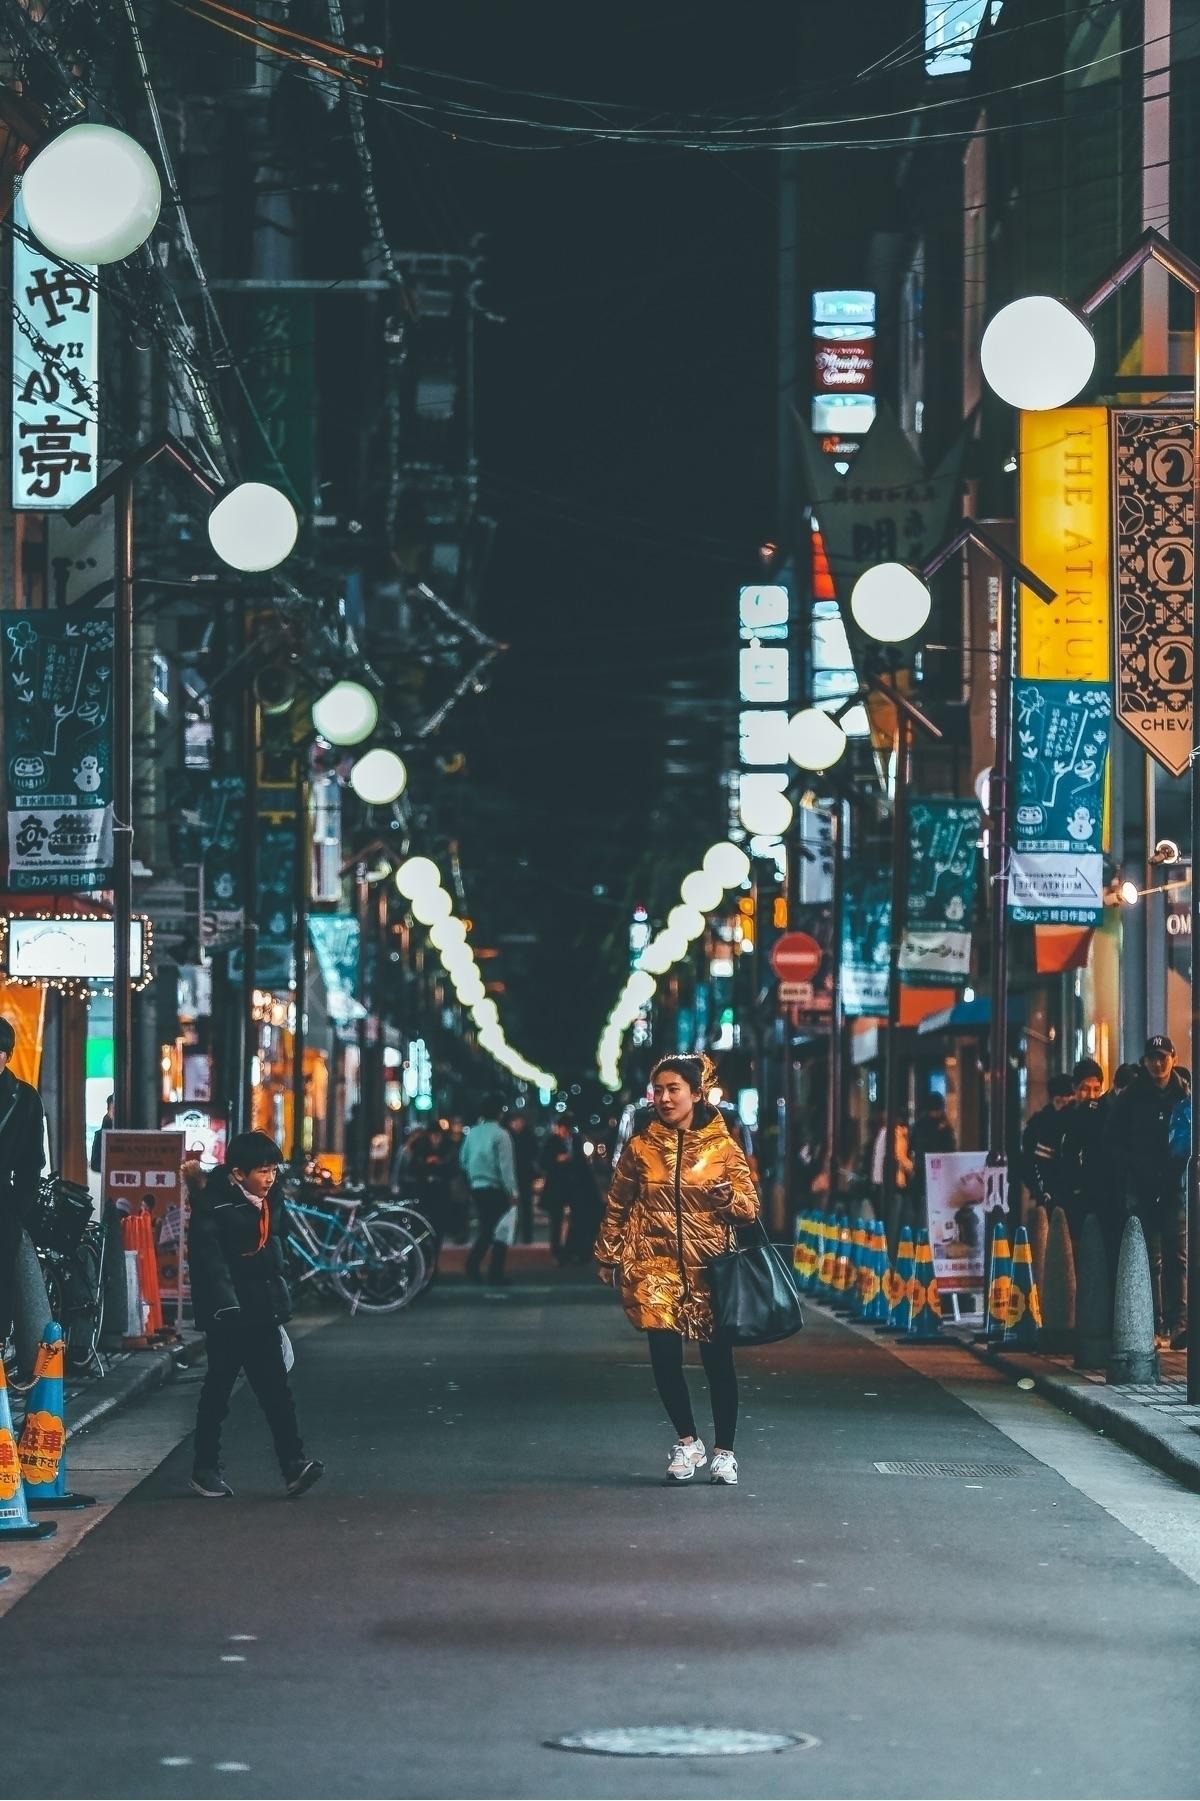 Konichiwa - streetphotography, street - sennysennny | ello